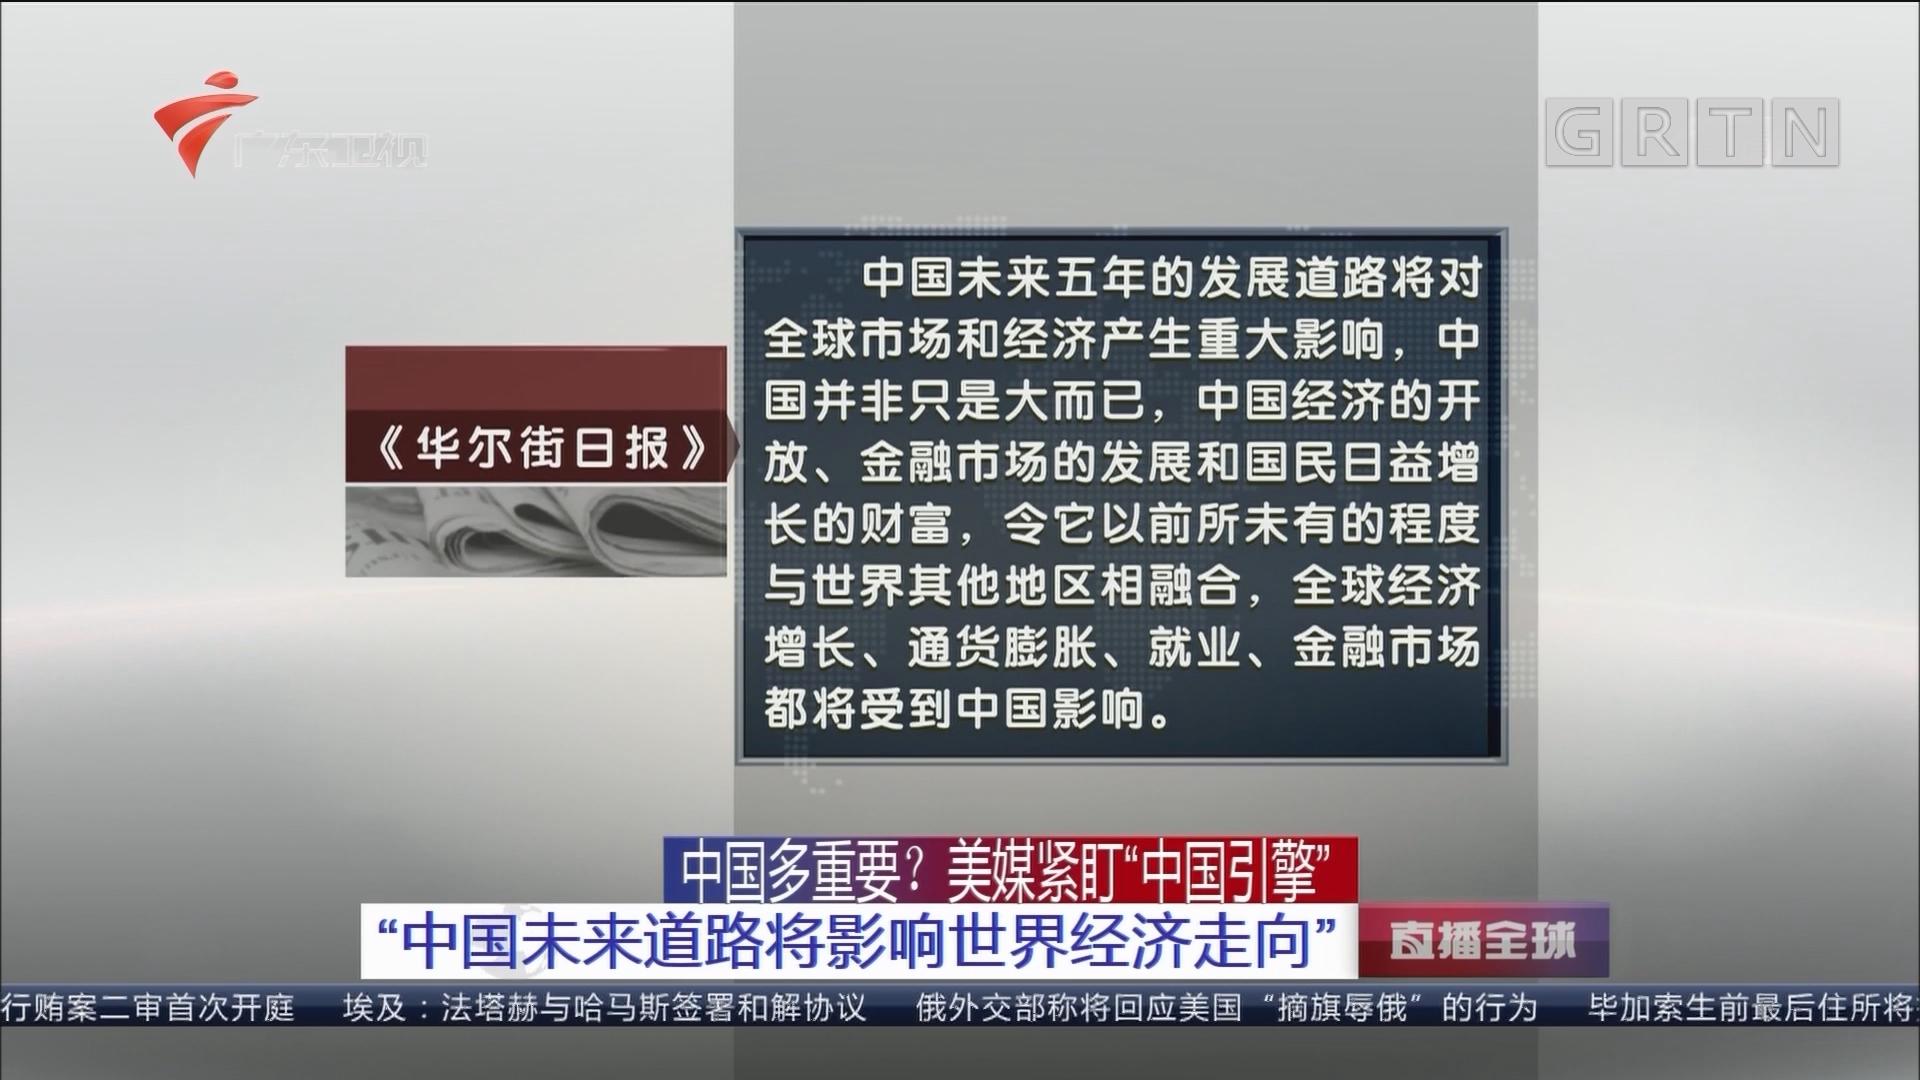 """中国多重要?美媒紧盯""""中国引擎"""" """"中国未来道路将影响世界经济走向"""""""